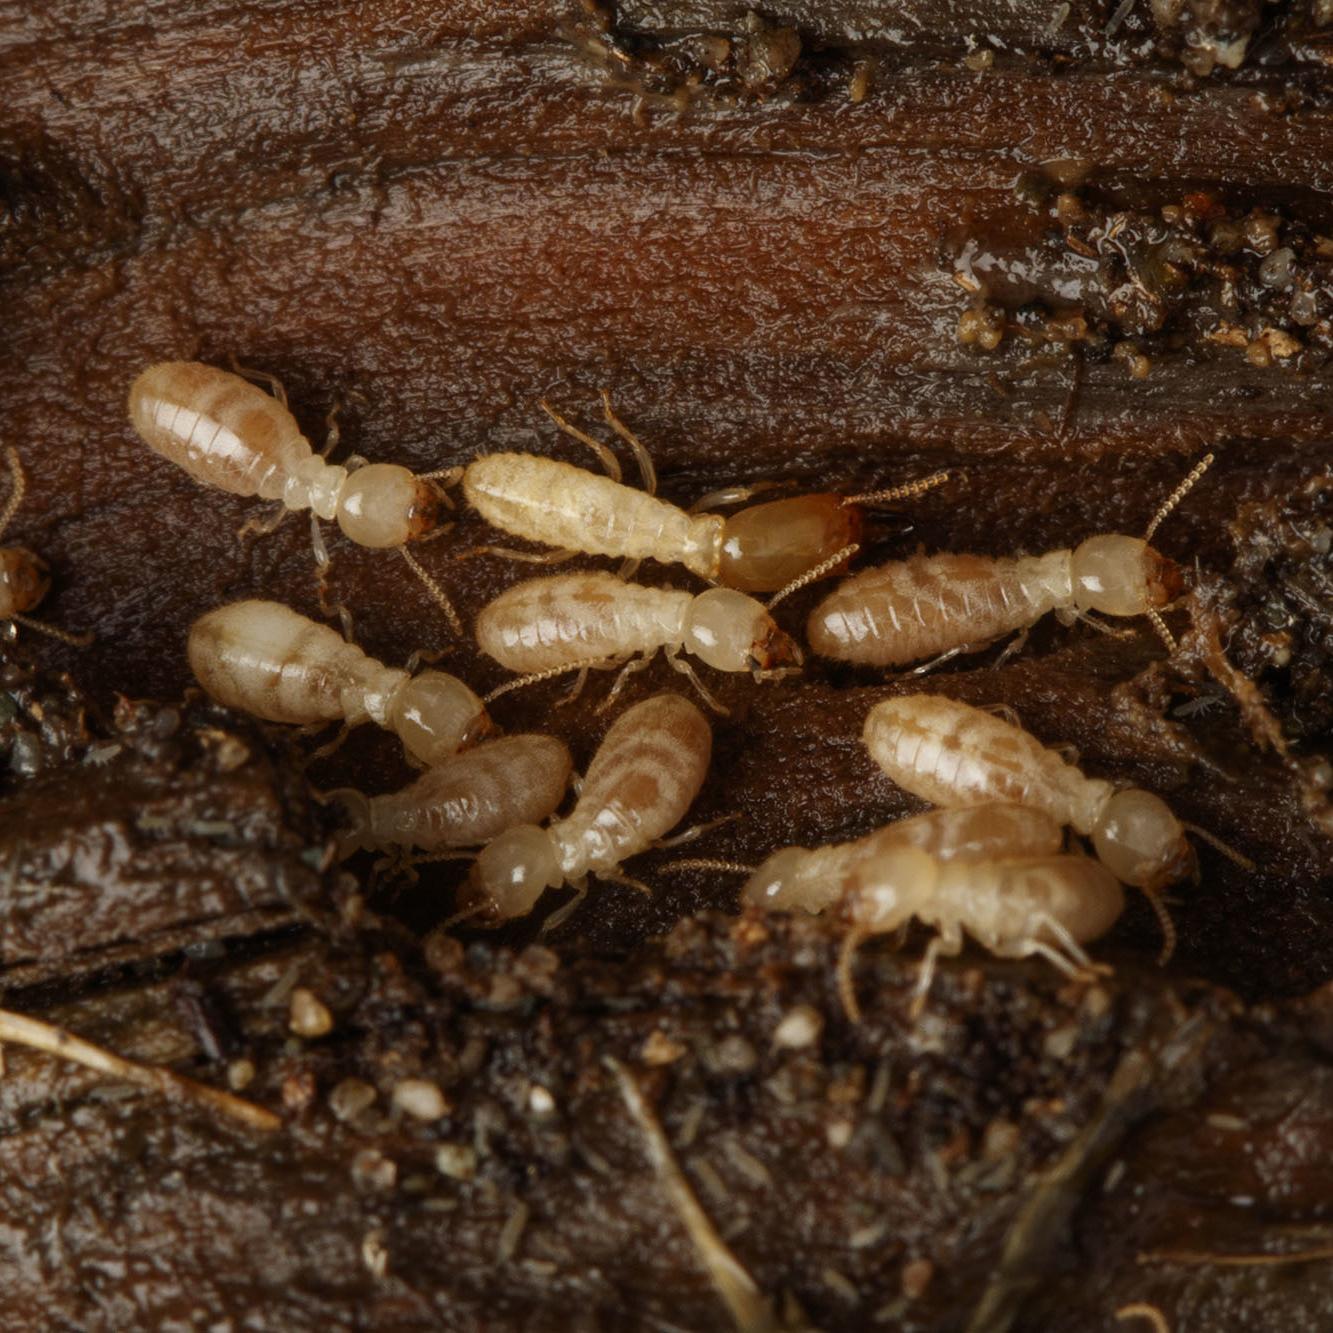 westren subterranean termites